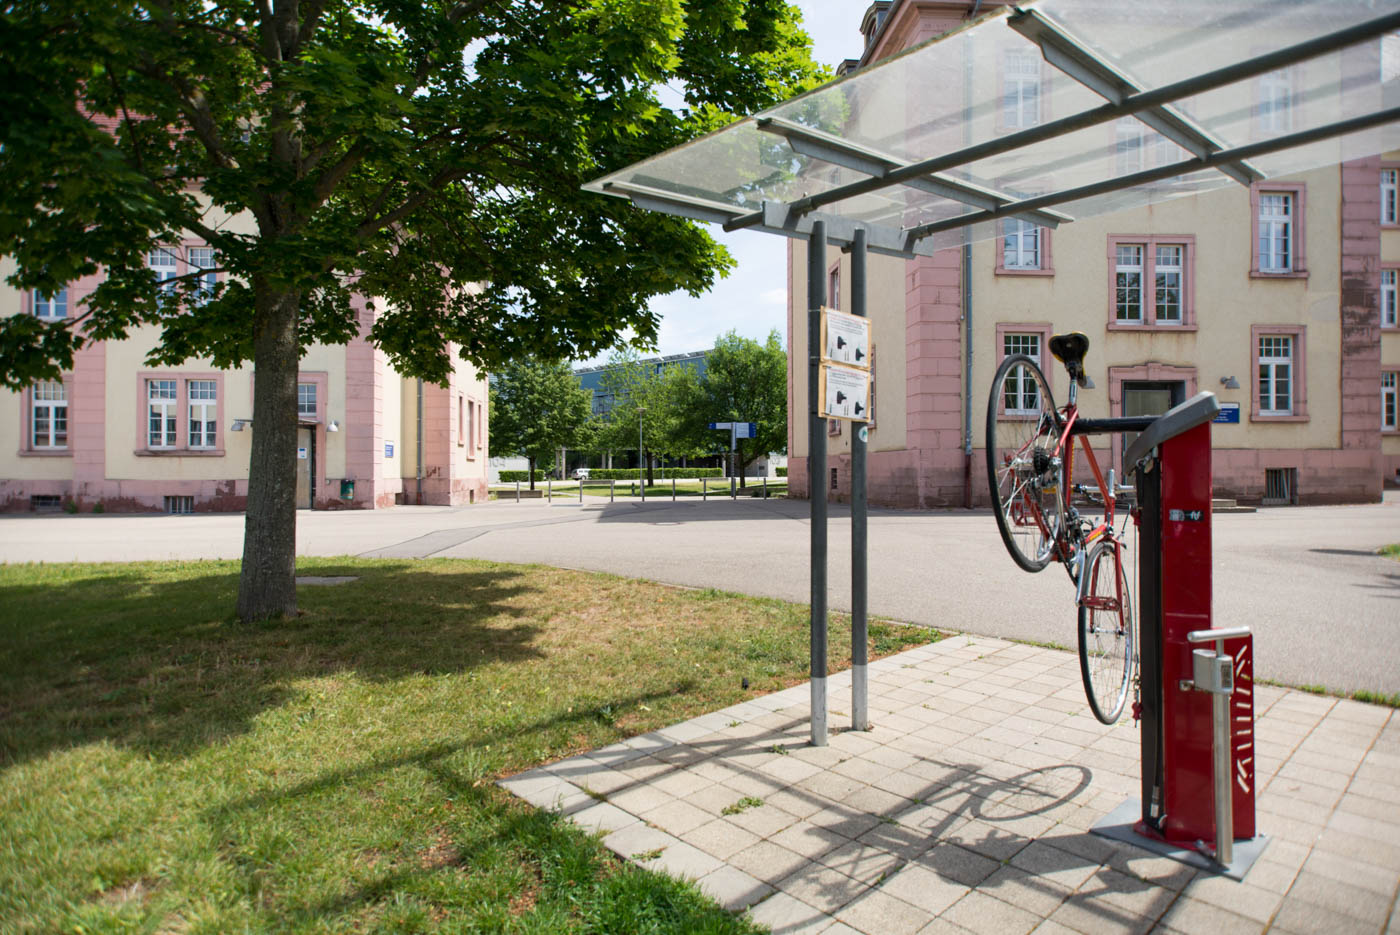 Fahrradreperaturständer mit alten Gebäuden im Hintergrund.